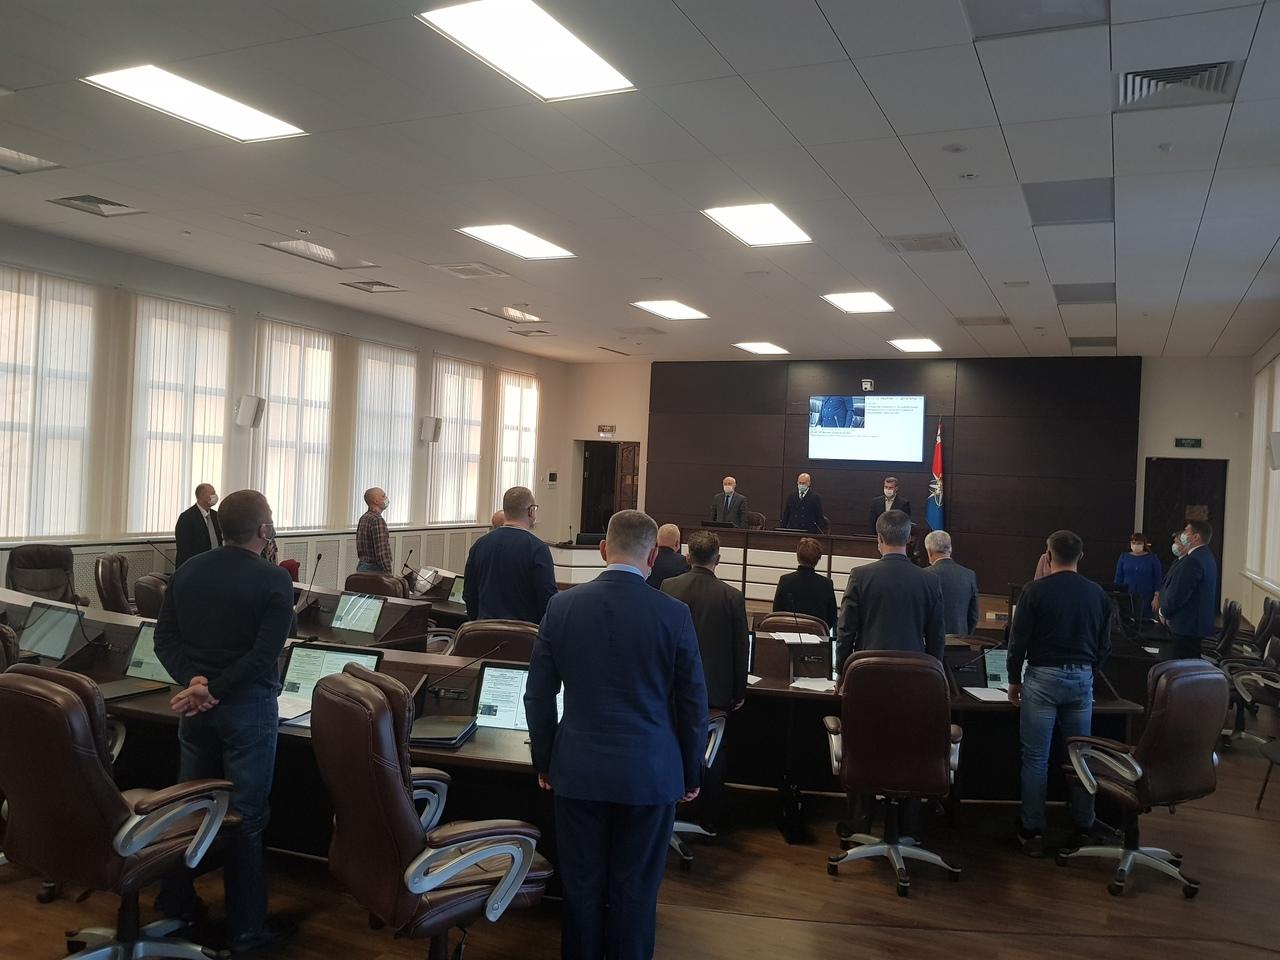 Бюджет НГО на 2021 год принят в первом чтении и обращение депутатов к надзорным органам по полигону «Утилис»